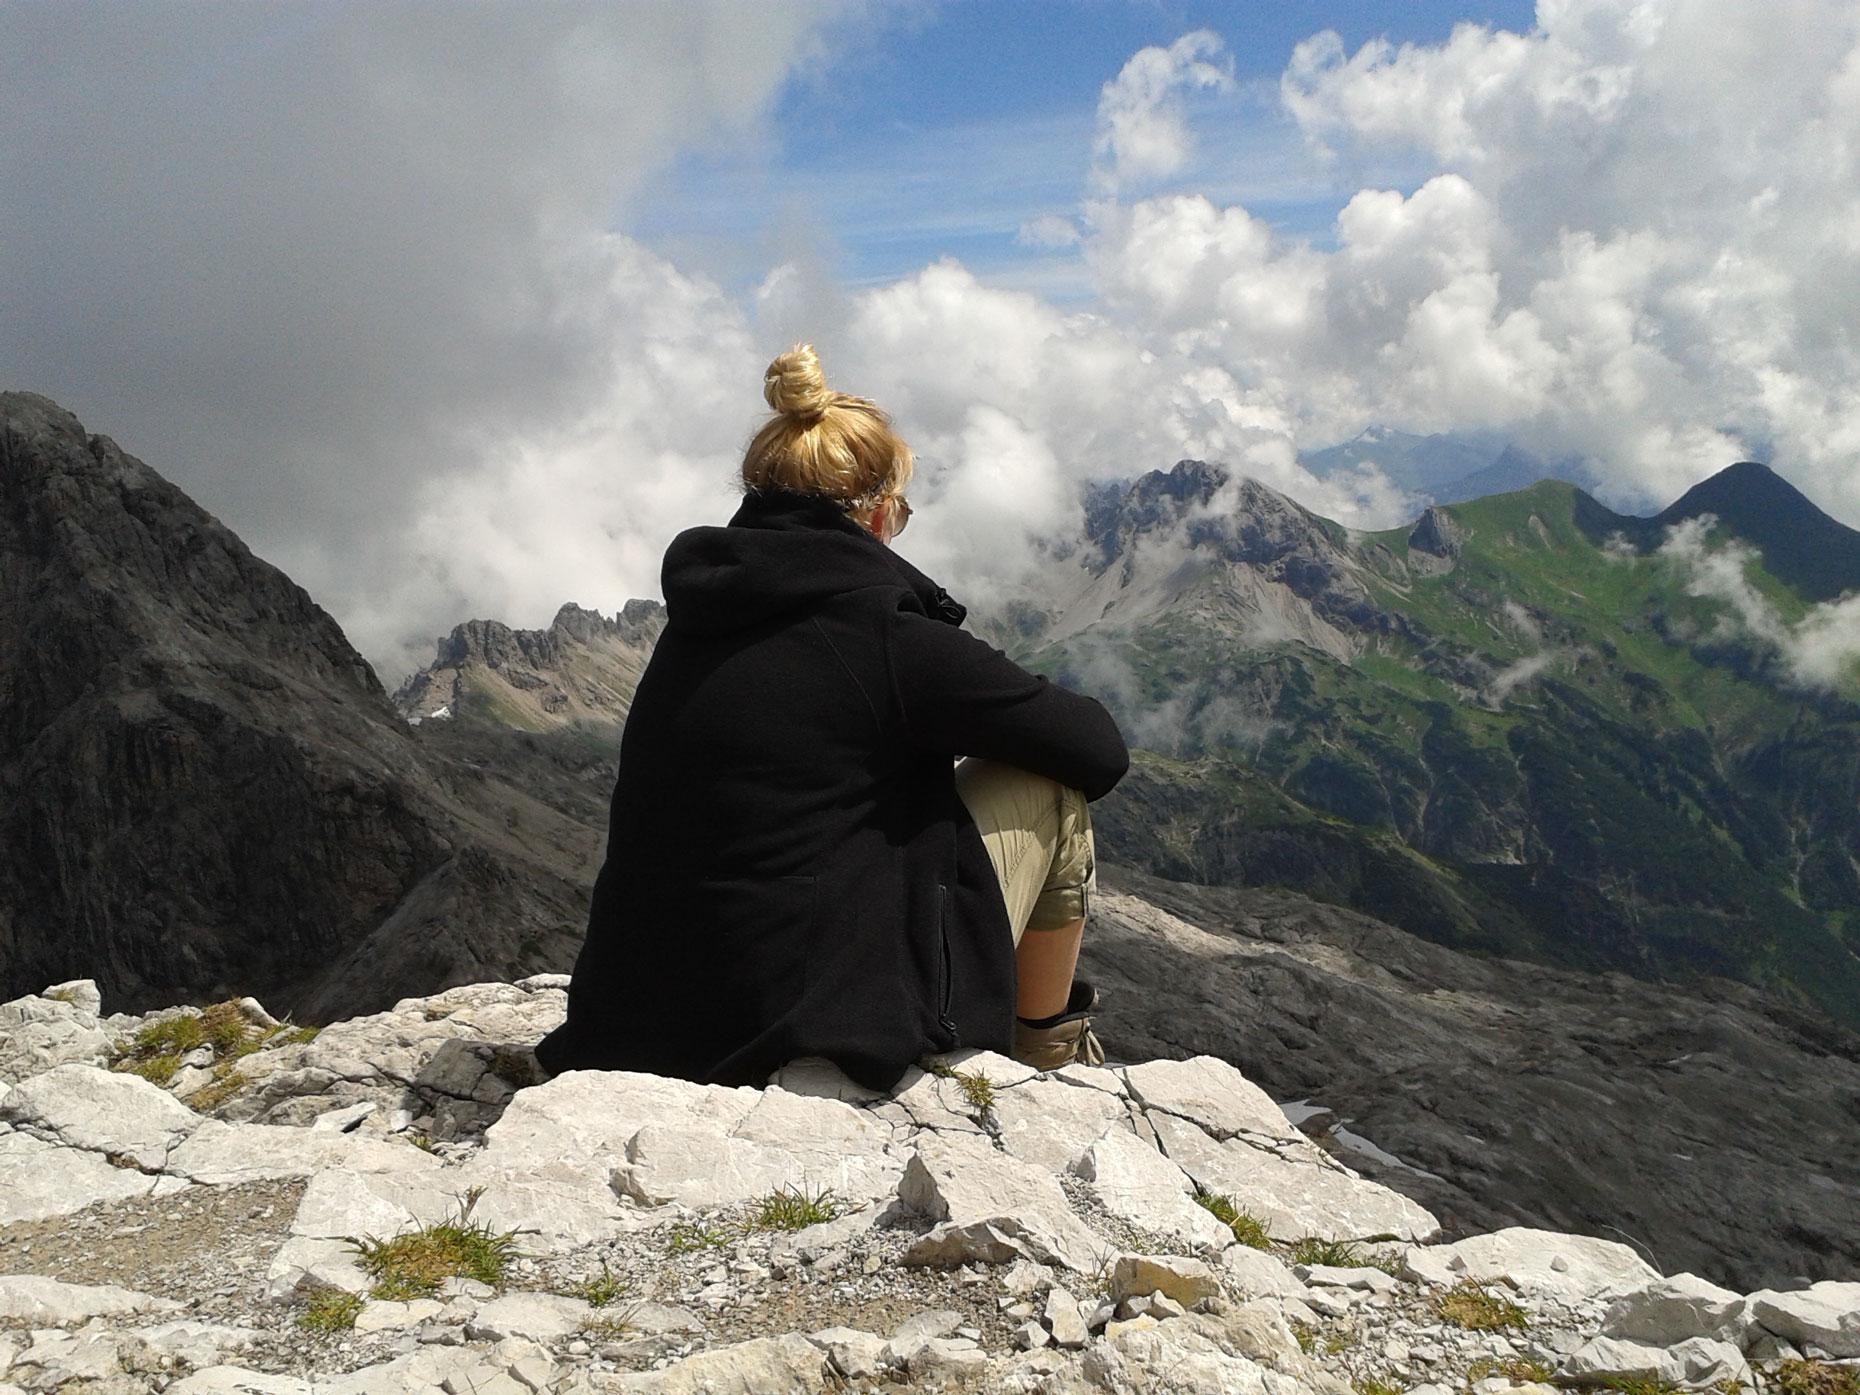 anna-grillmaier-munichmountaingirls-sommer-berge-wandern-aussicht-heilbronner-weg